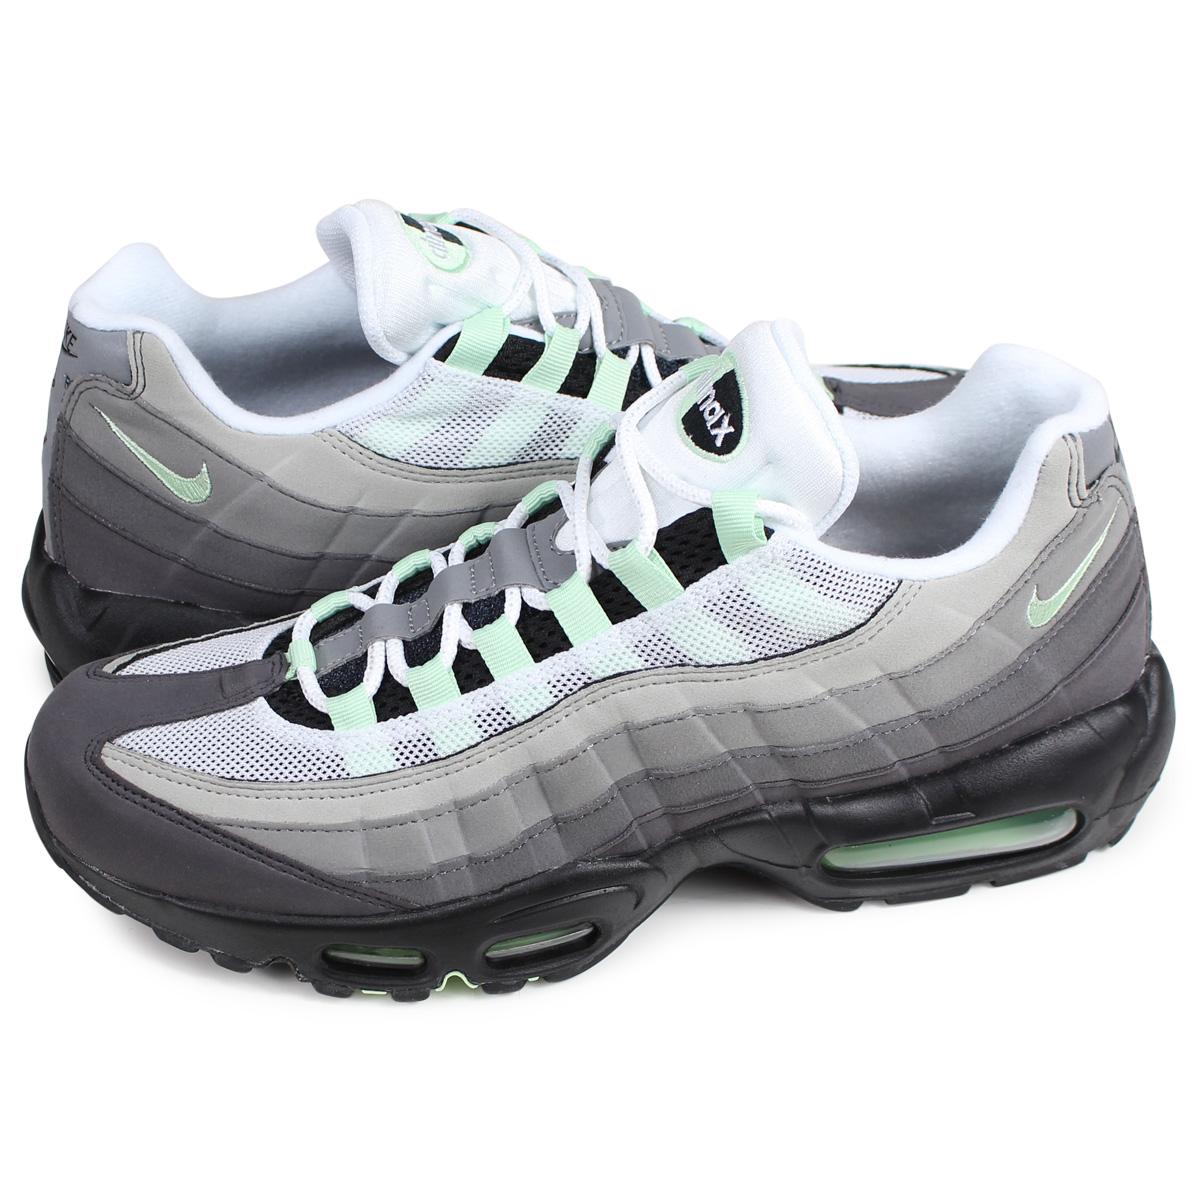 Nike Air Max 95 Fresh Mint | CD7495 101